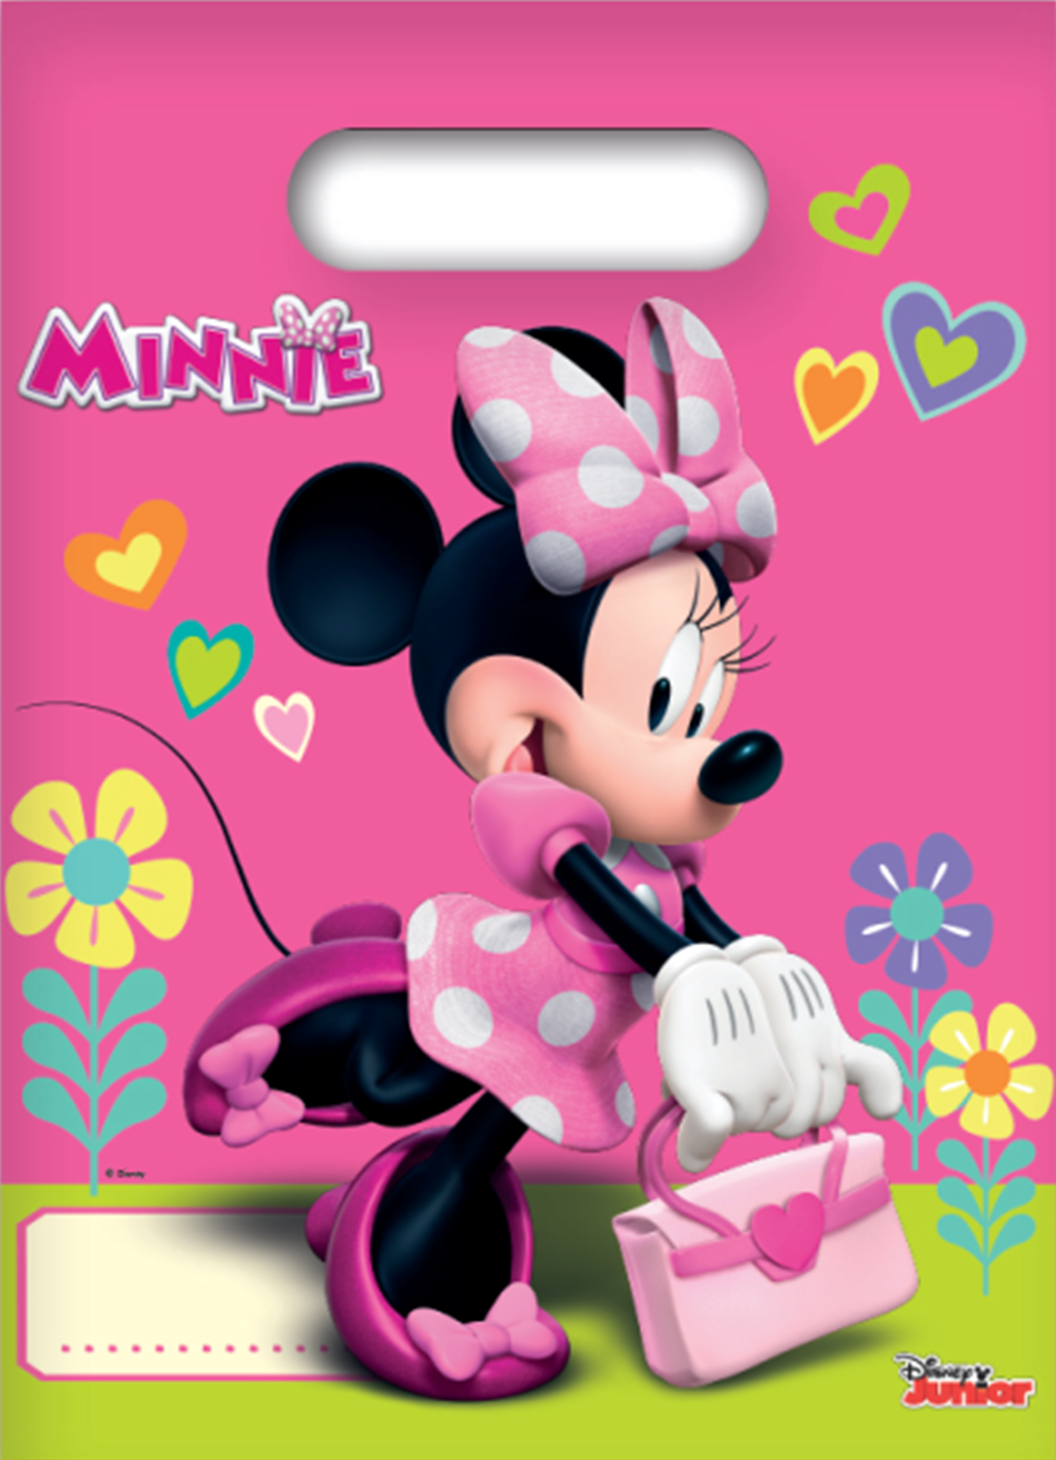 Billede af Minnie slikposer - Pink